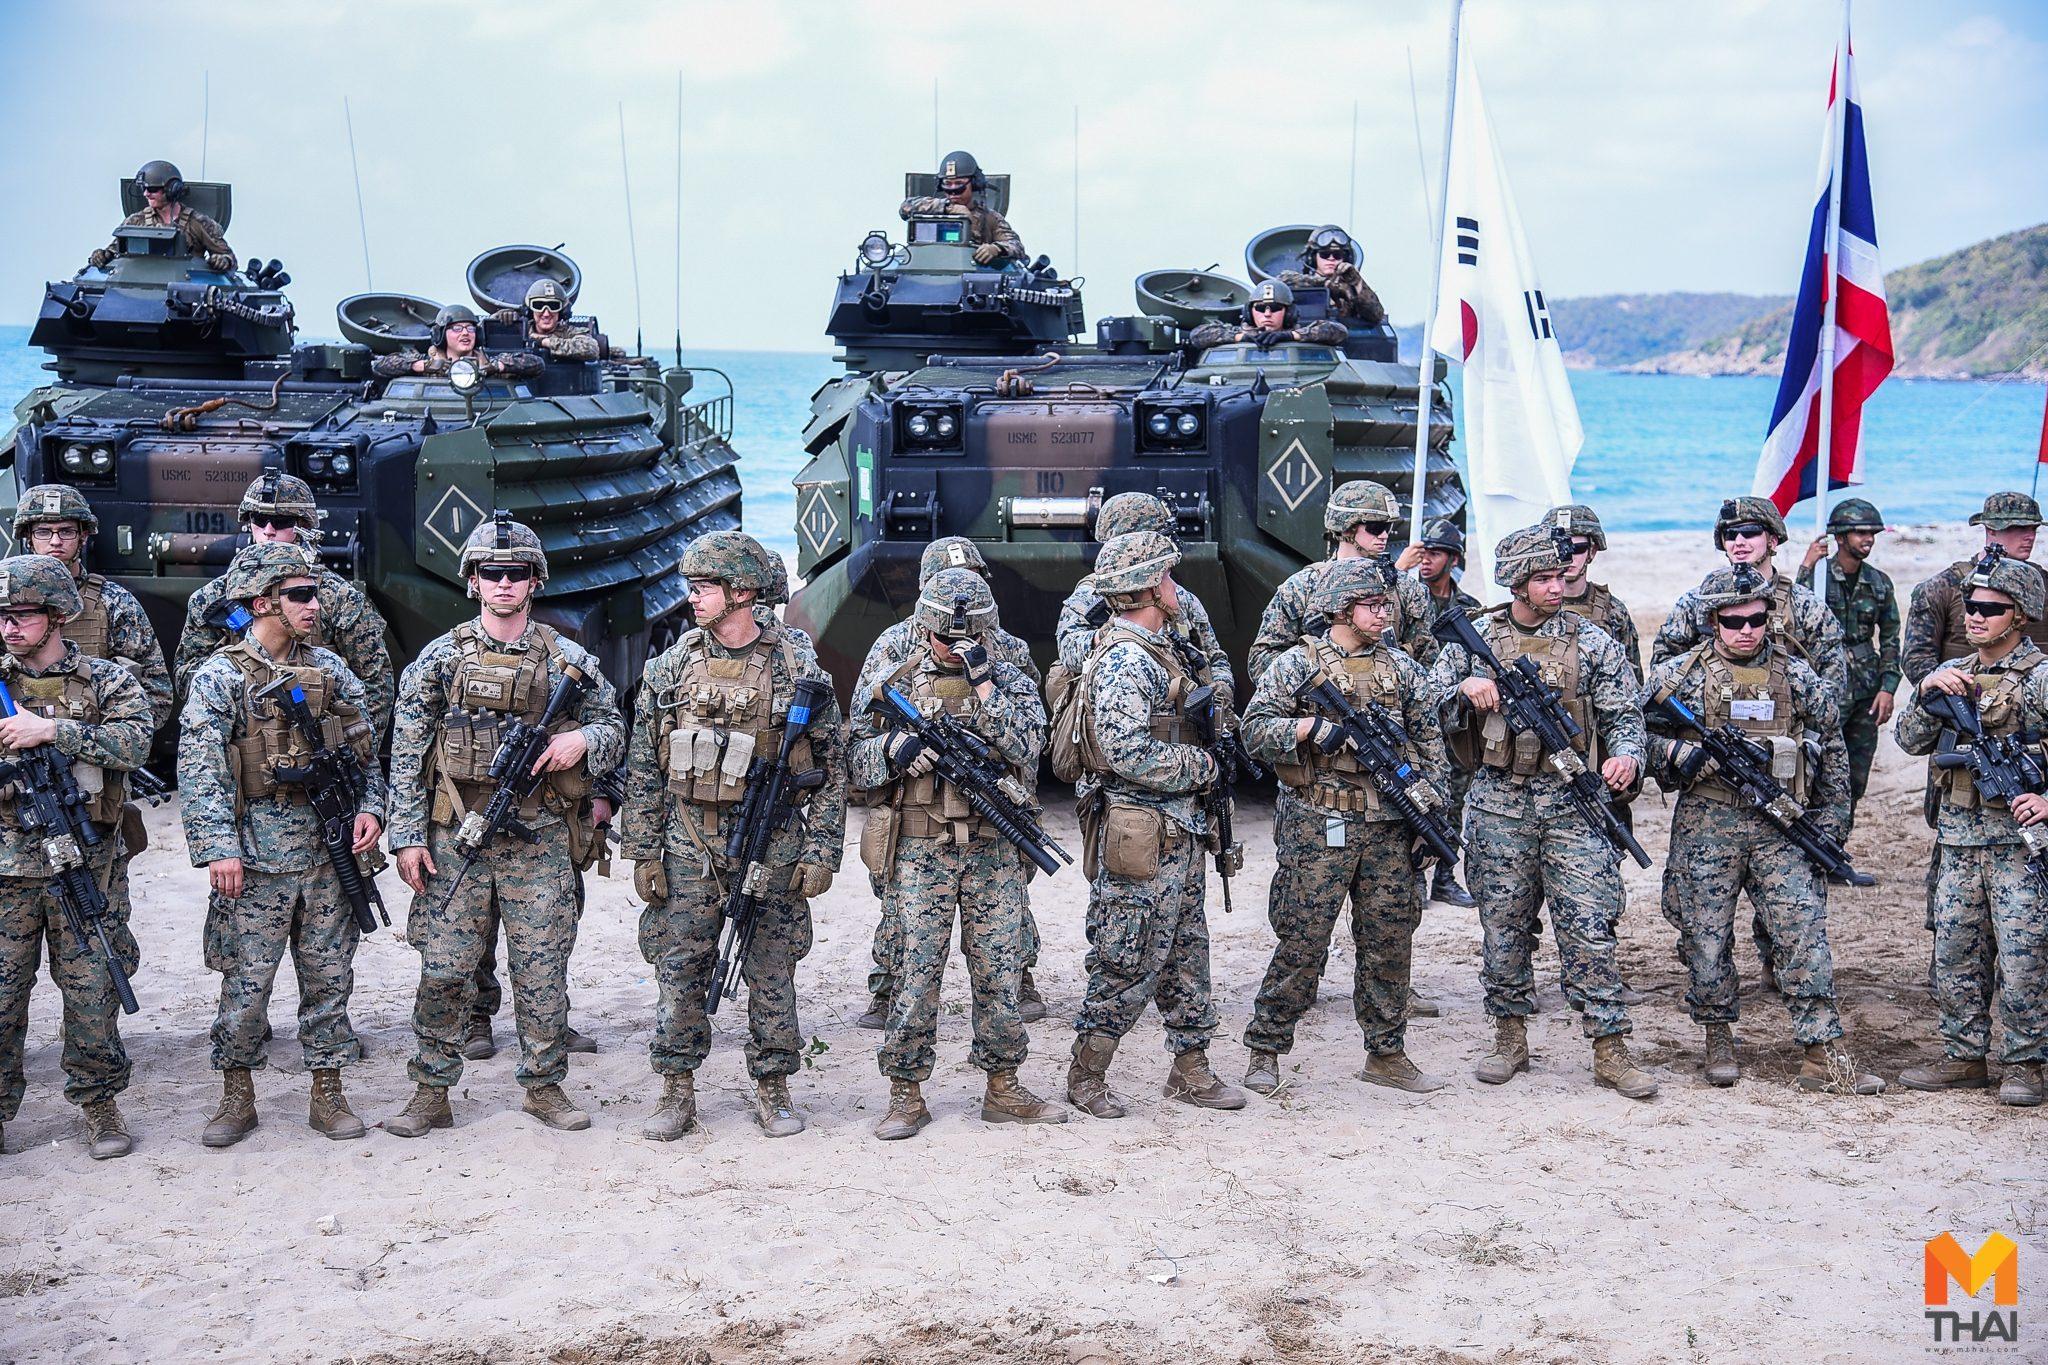 ยกพลขึ้นบก! นาวิกโยธิน 3 ชาติ ร่วมฝึกคอบร้าโกลด์ 2019